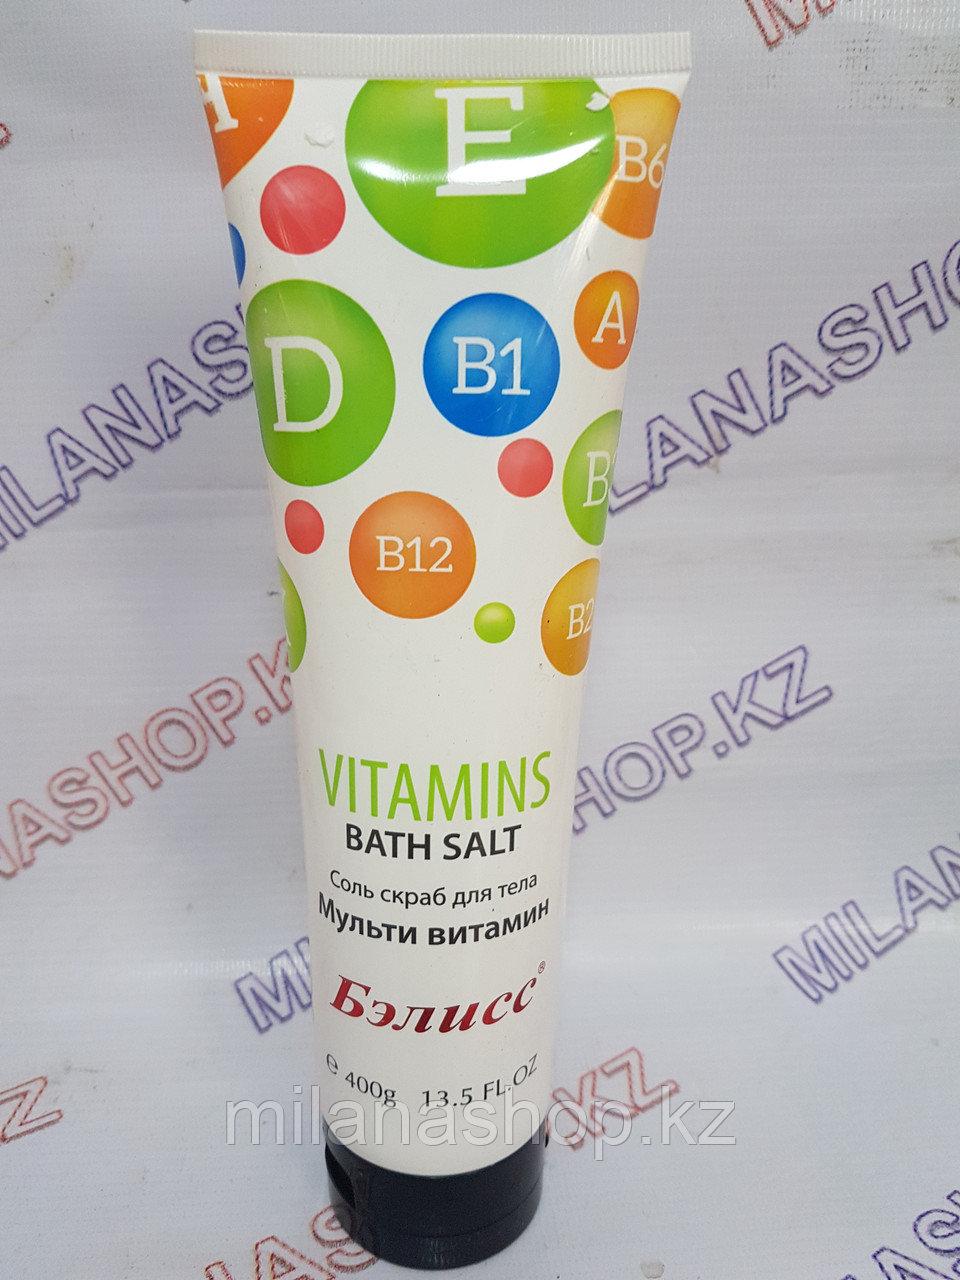 Бэлисс - Соль - Скраб для тела Мульти Витамин